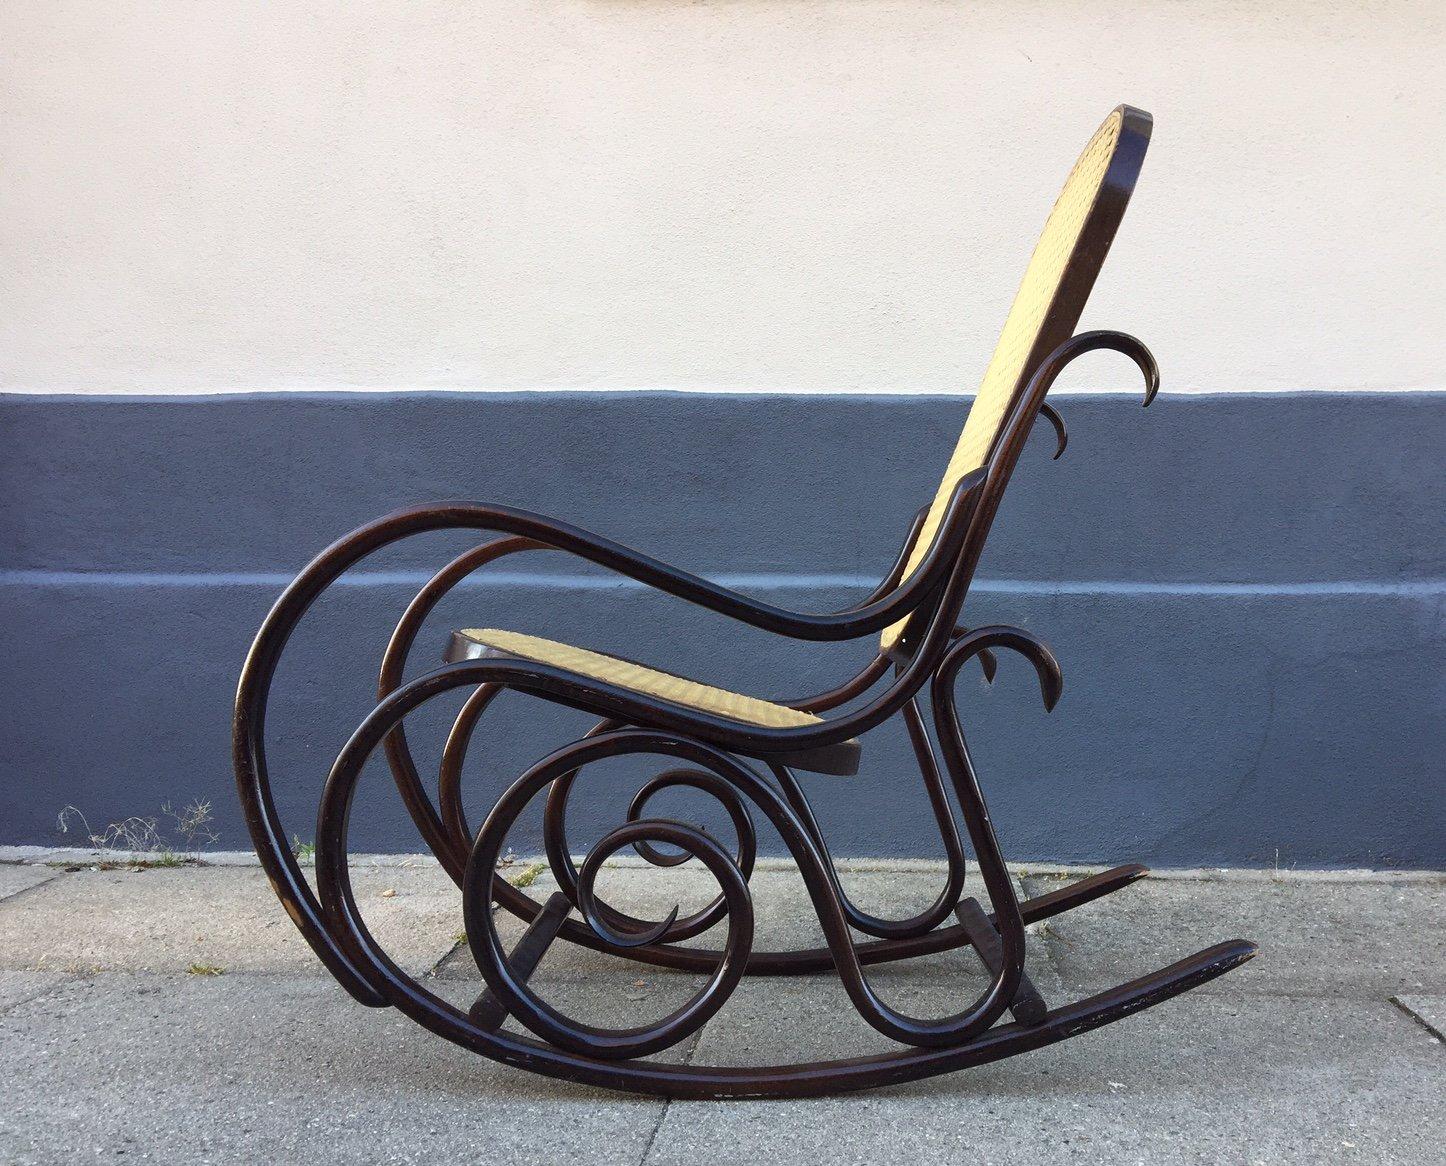 rocking chair junior vintage en bois courb avec spirales. Black Bedroom Furniture Sets. Home Design Ideas